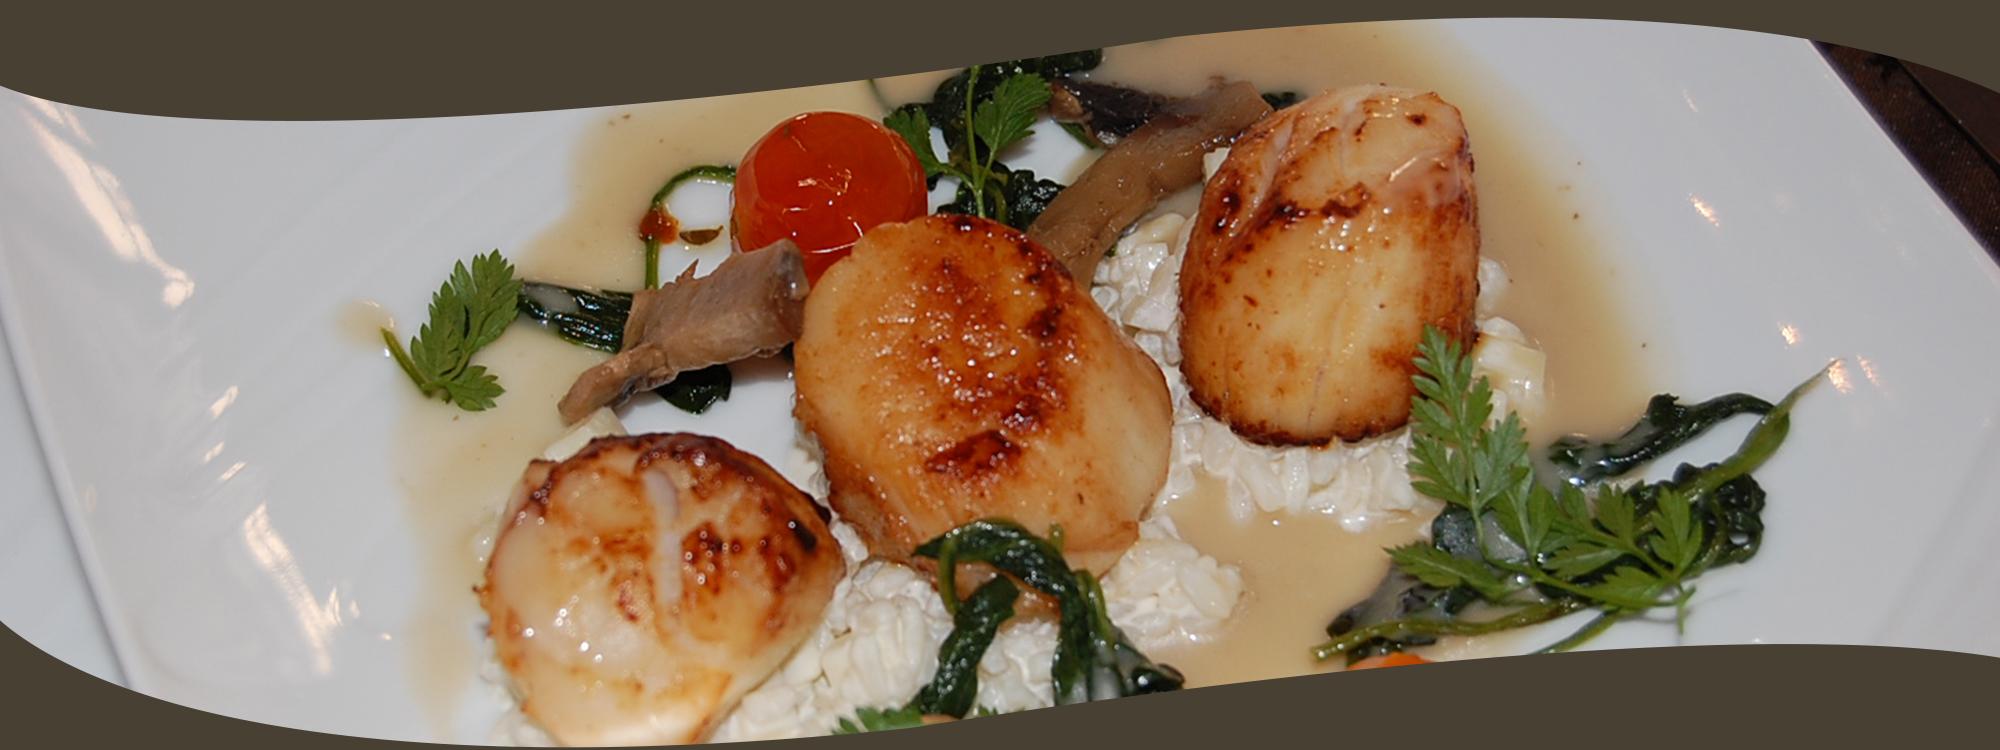 Le restaurant le grain de sel lons le saunier 39 jura - Cuisine lons le saunier ...